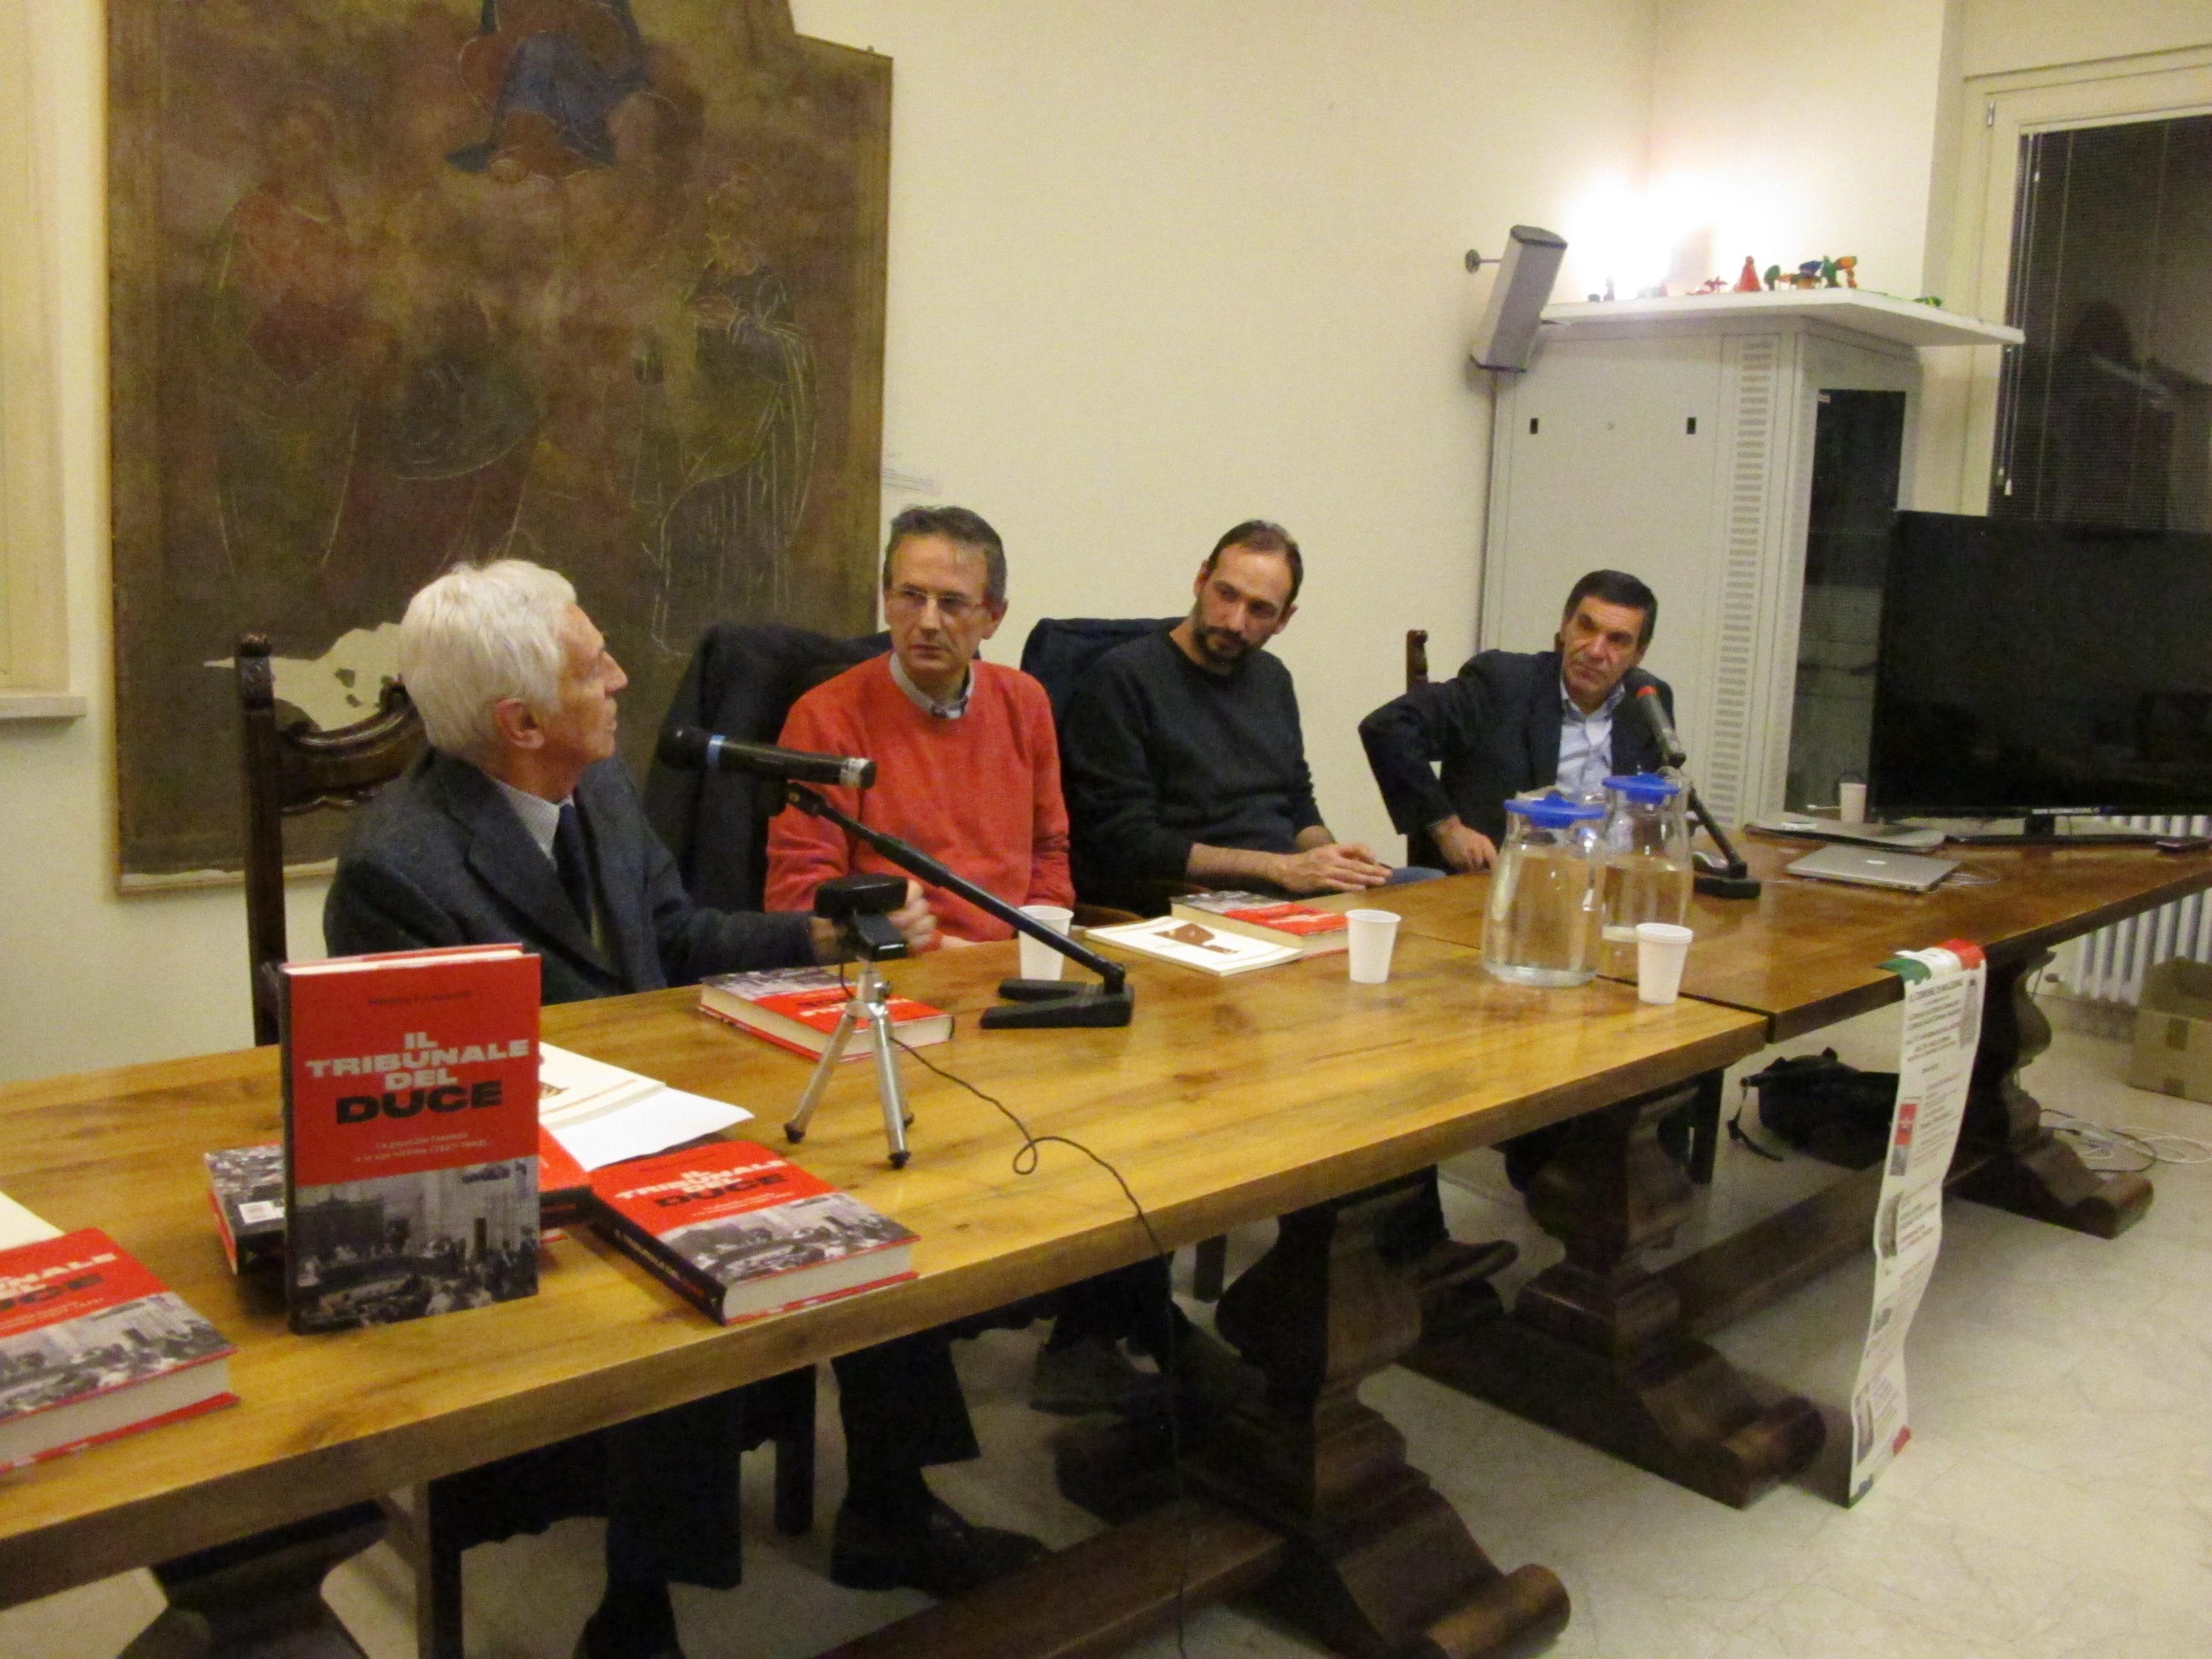 13_presentazione Il tribunale del Duce di Mimmo Franzinelli_20 aprile 2017 a Malegno